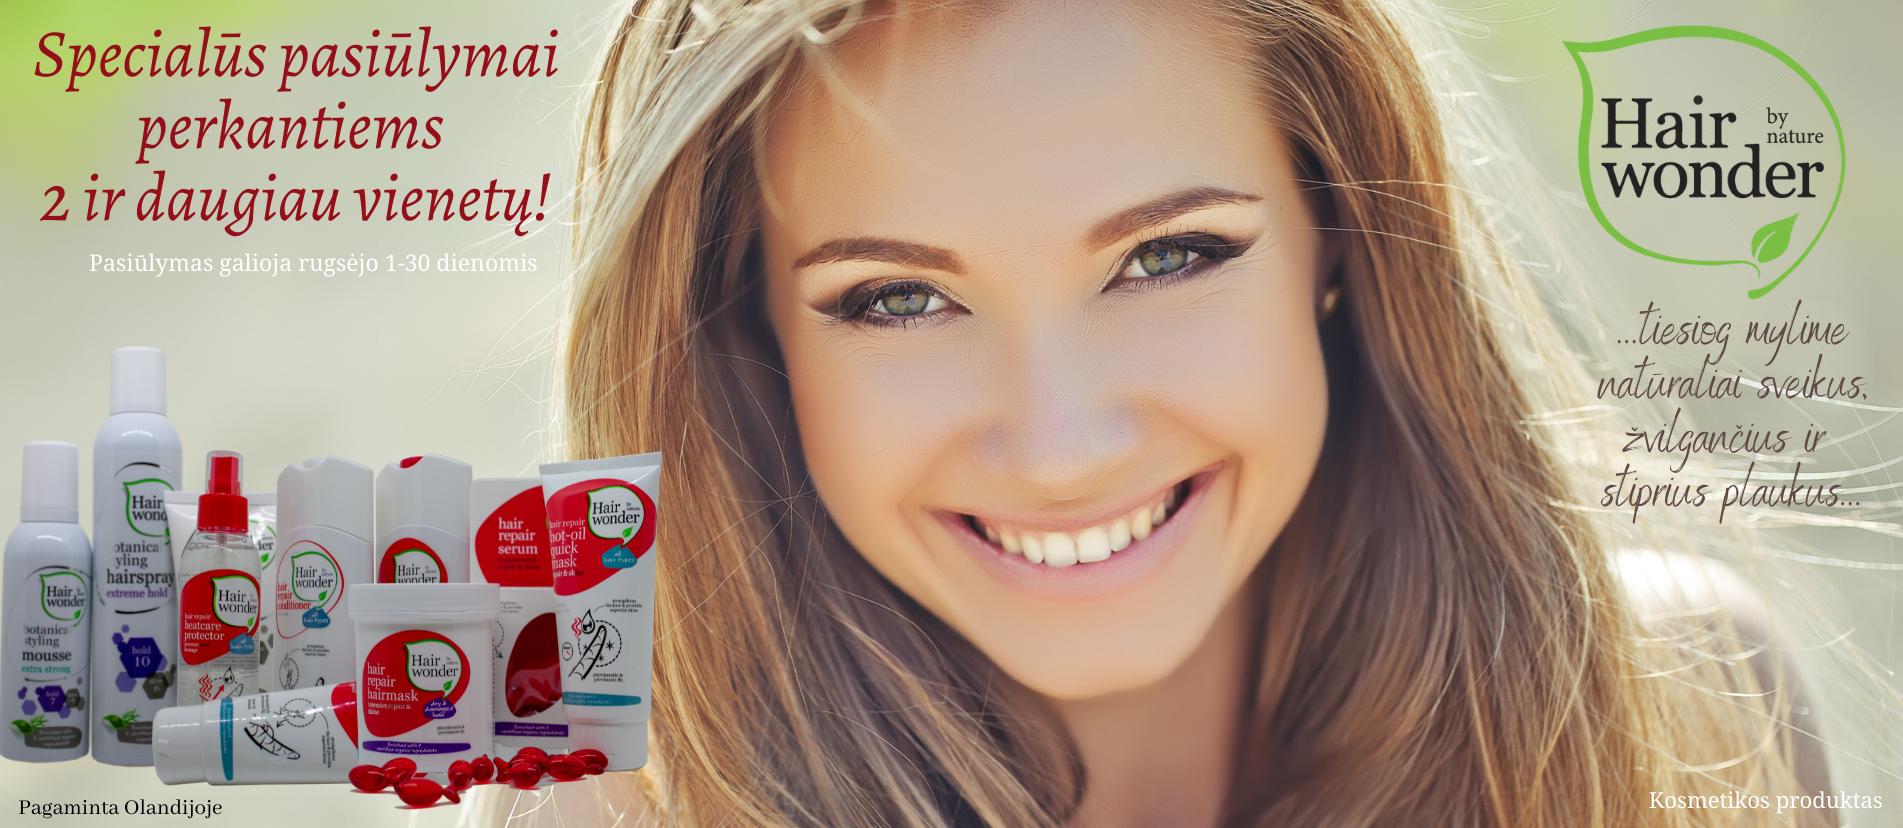 Hairwonder-plaukų-priežiūros-produktai-akcija_slamutis.lt